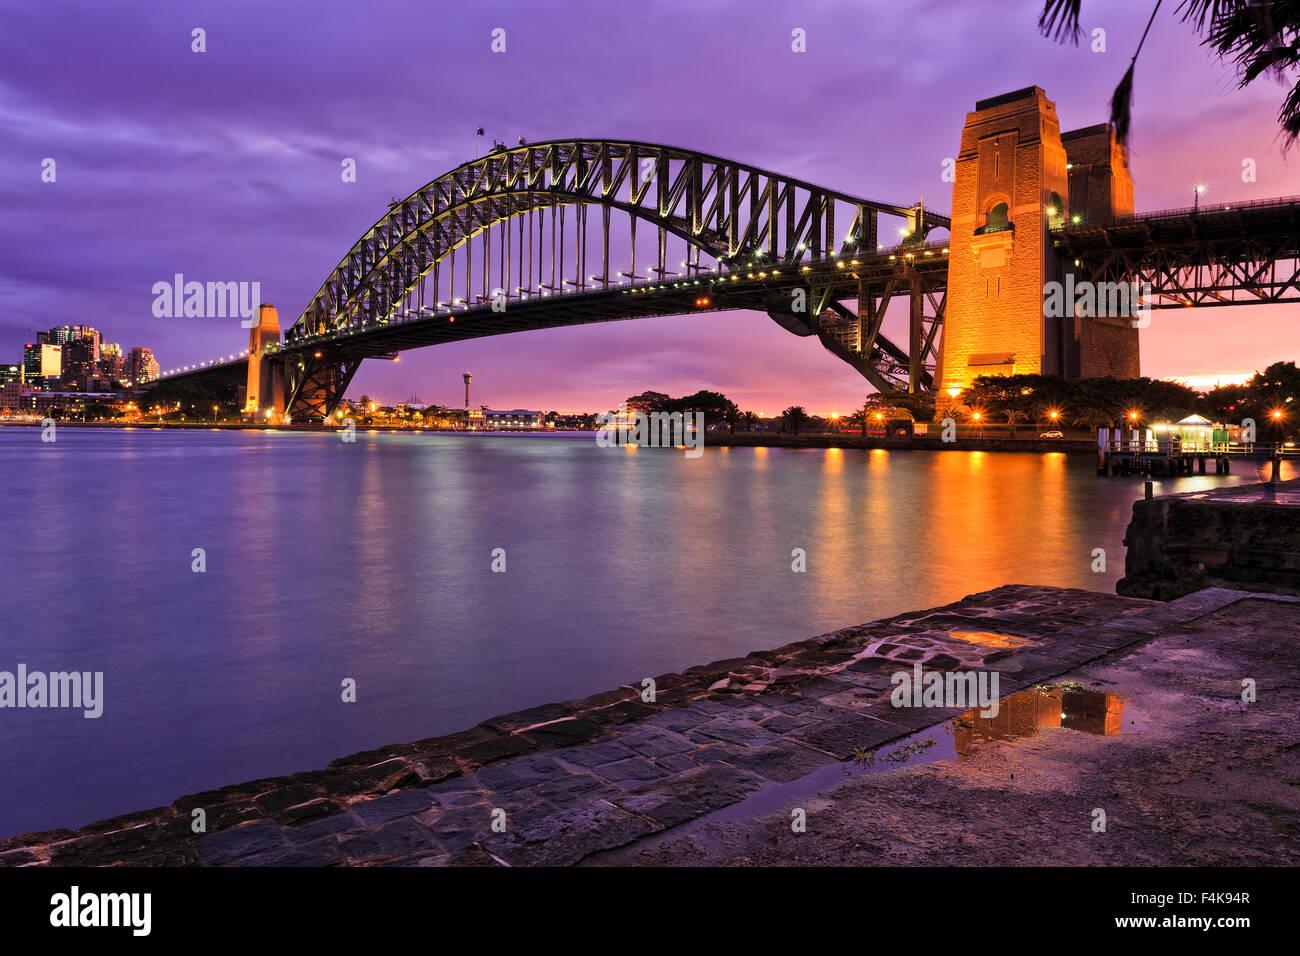 Sydney Harbour Bridge Vista lateral de Milsons Point después de la lluvia fresca cuando brillantemente iluminado Imagen De Stock